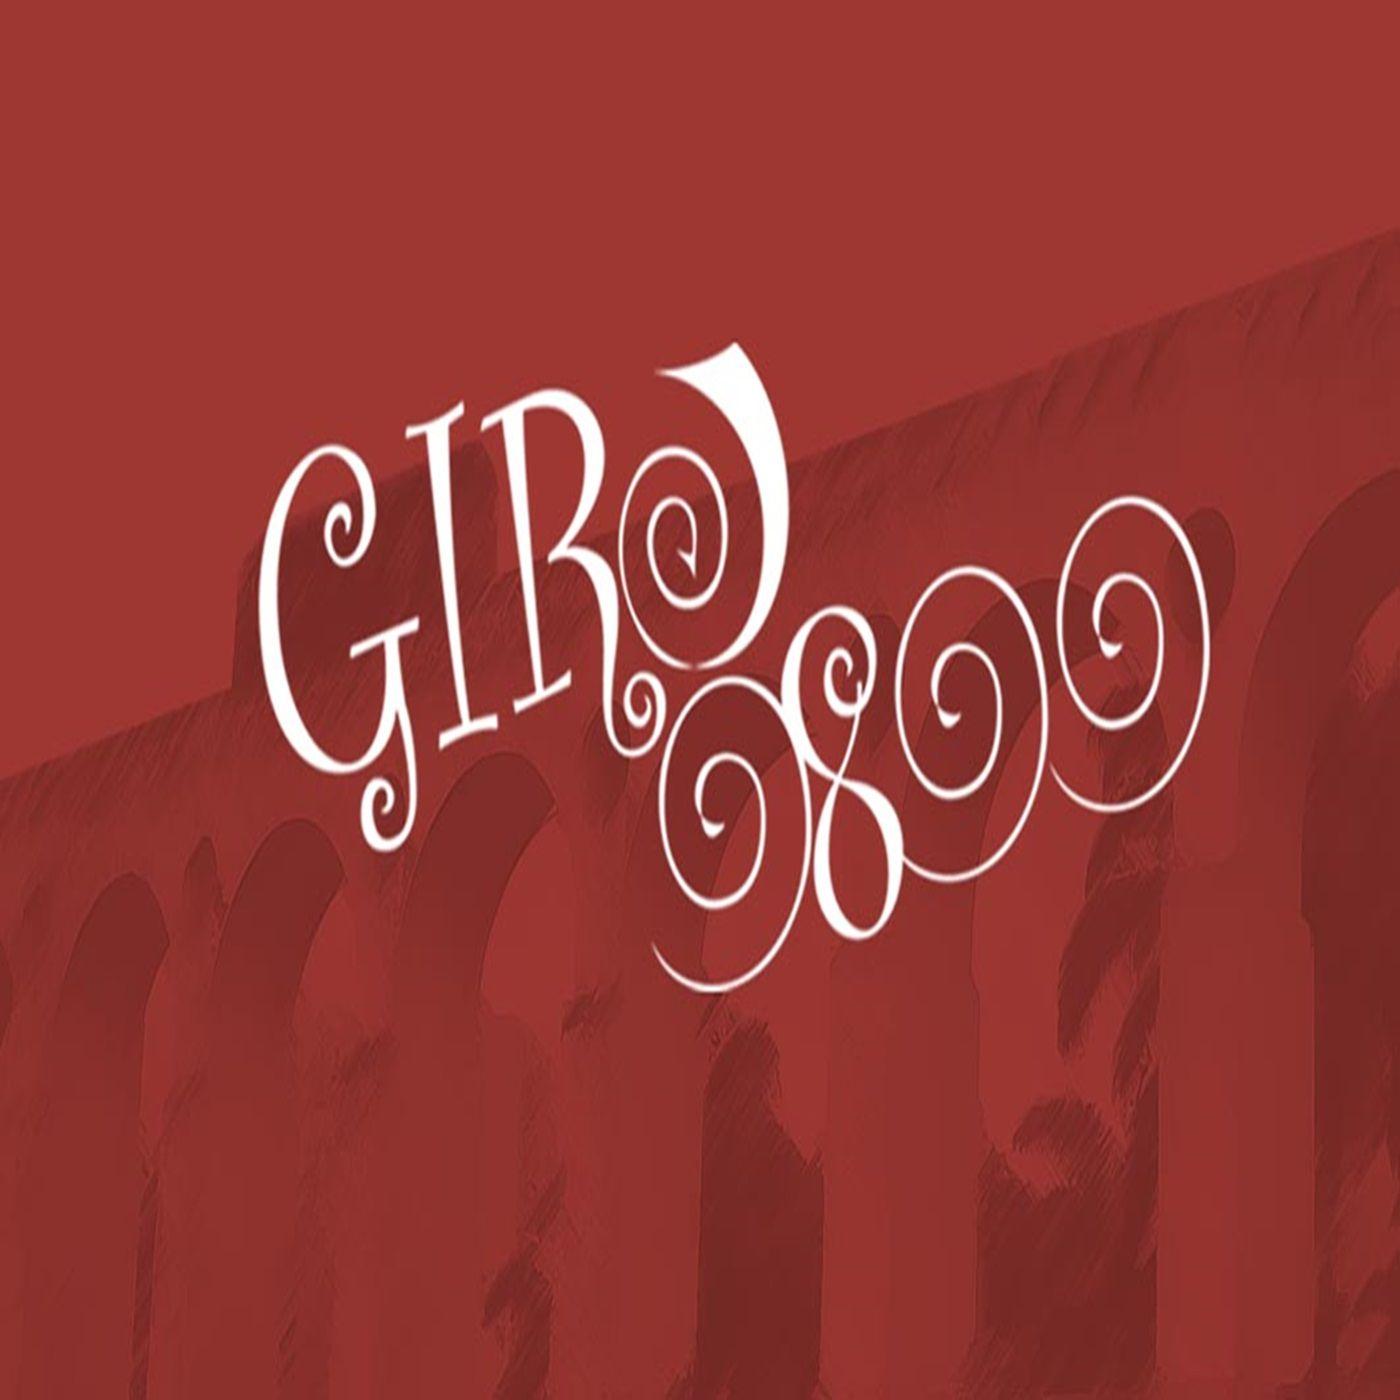 Giro0800